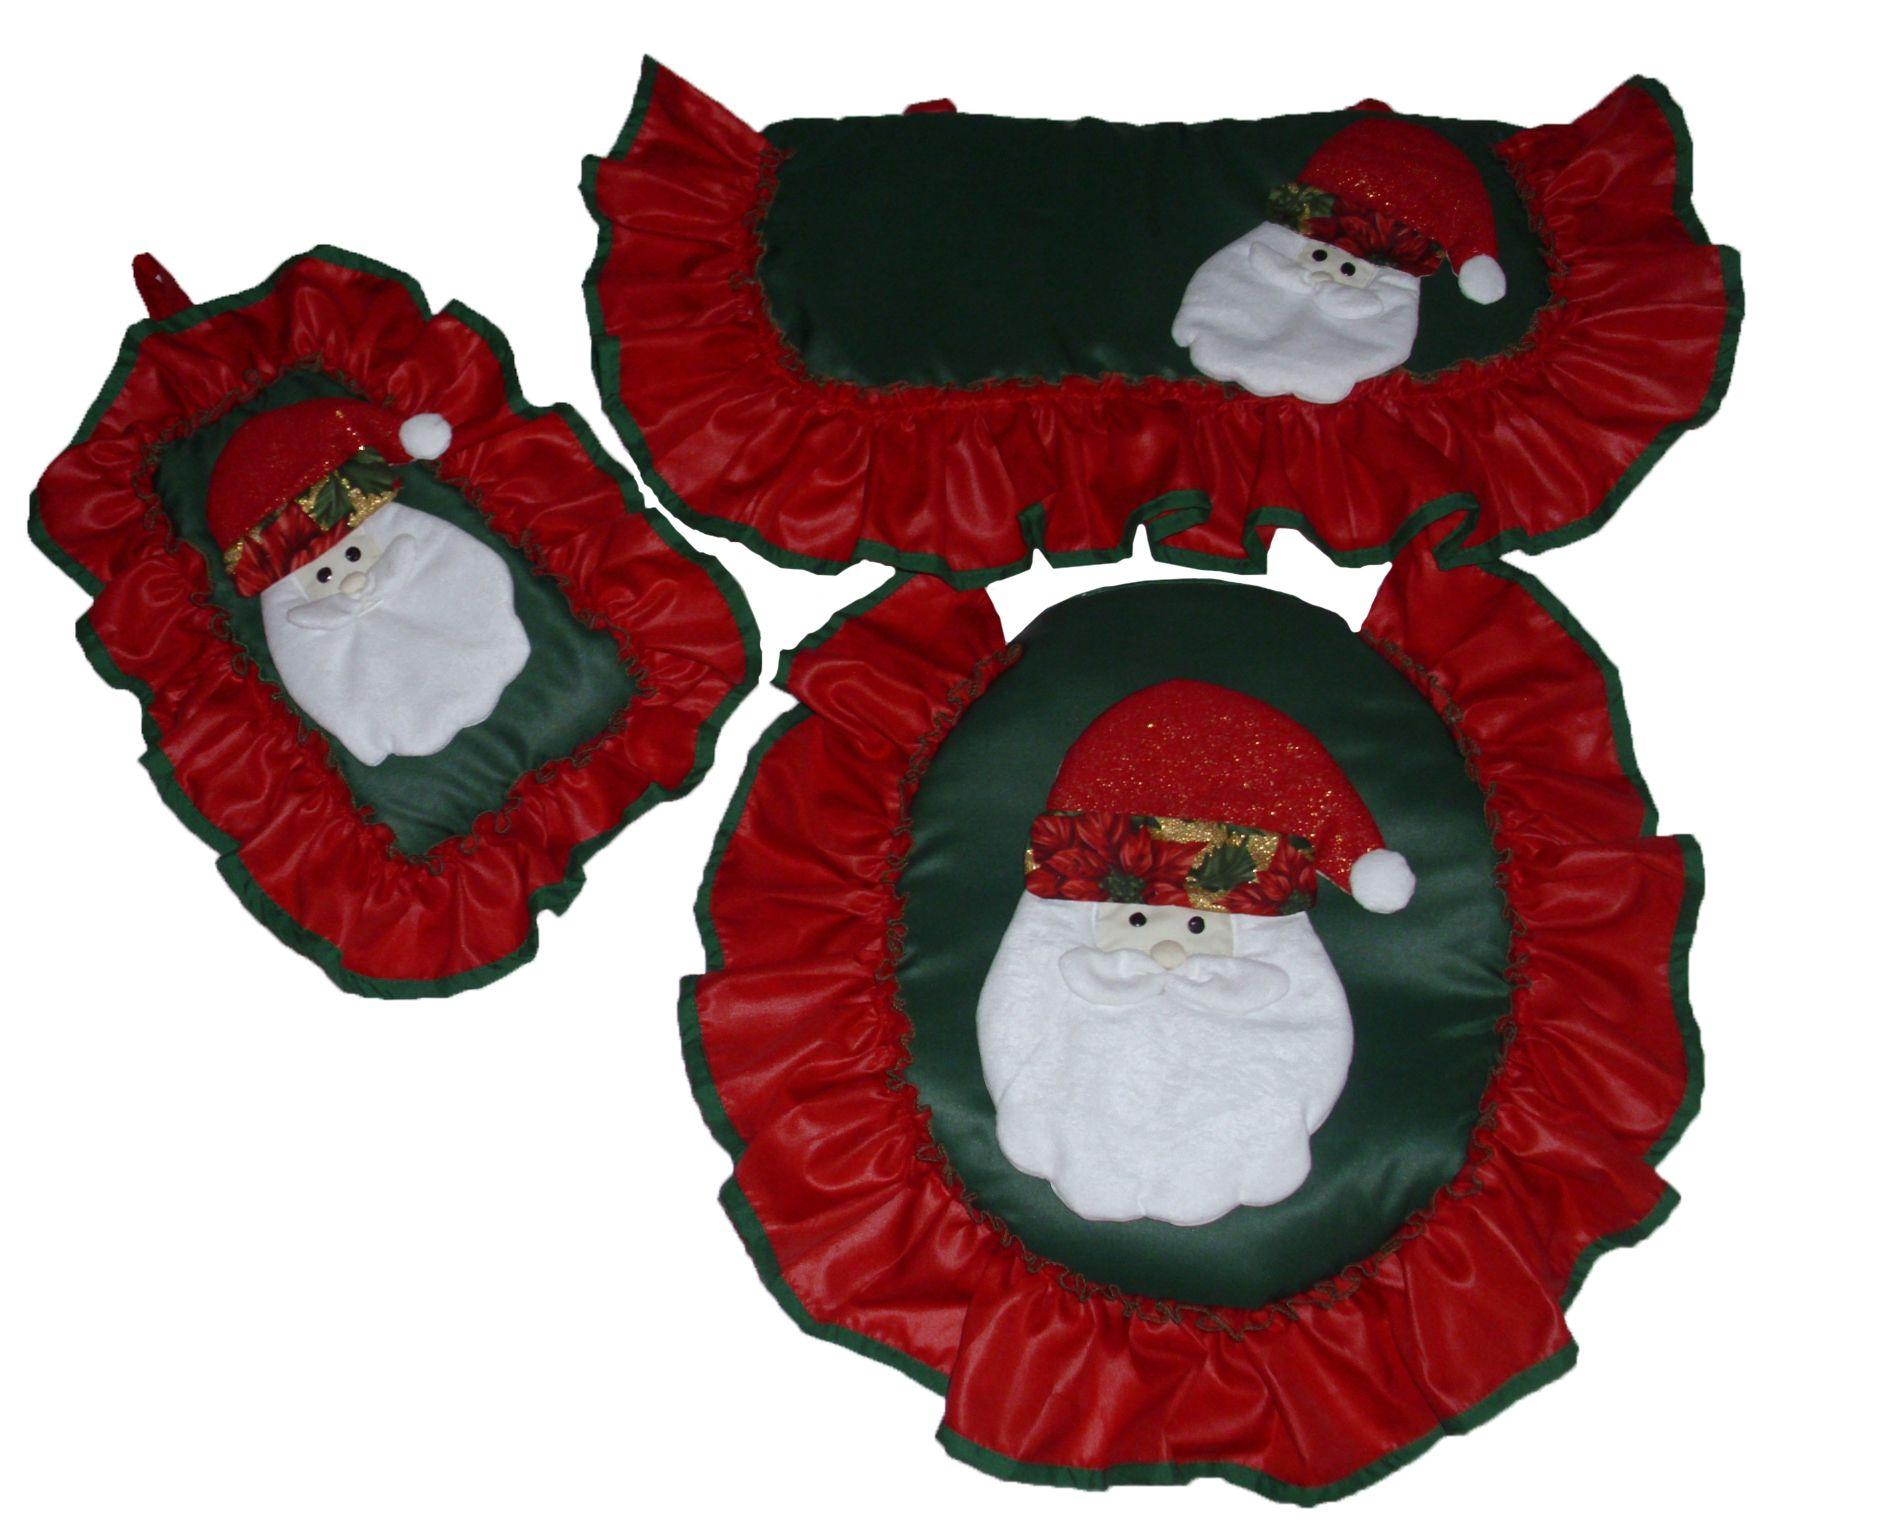 Juegos De Baño Santa Claus:Juego de baño de santa claus de 3 piezas